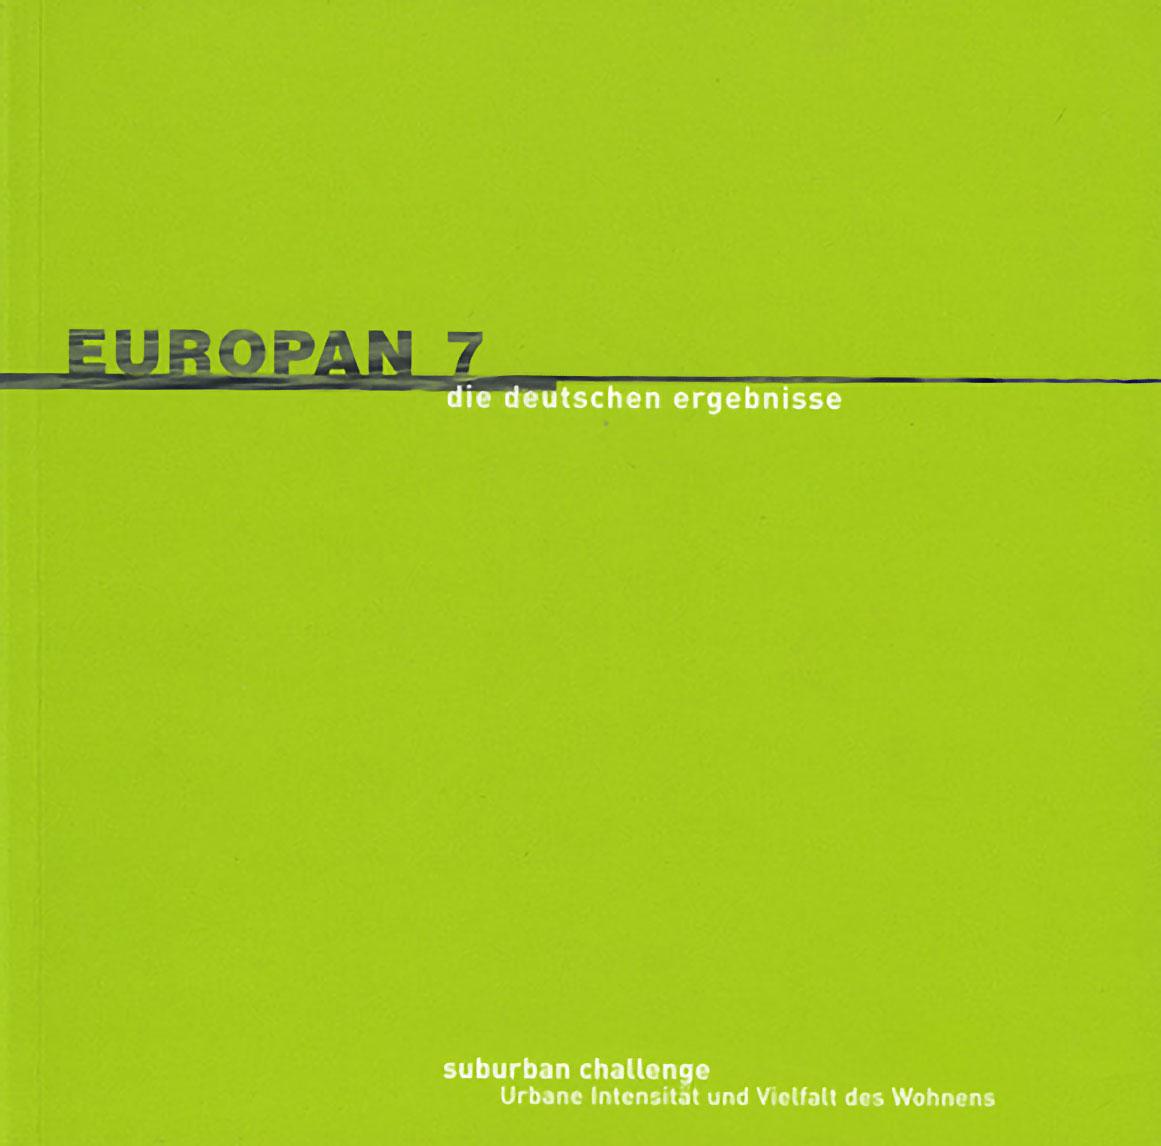 Europan 7<br /> Suburban Challenge / Urbane Intensität und Vielfalt des Wohnens